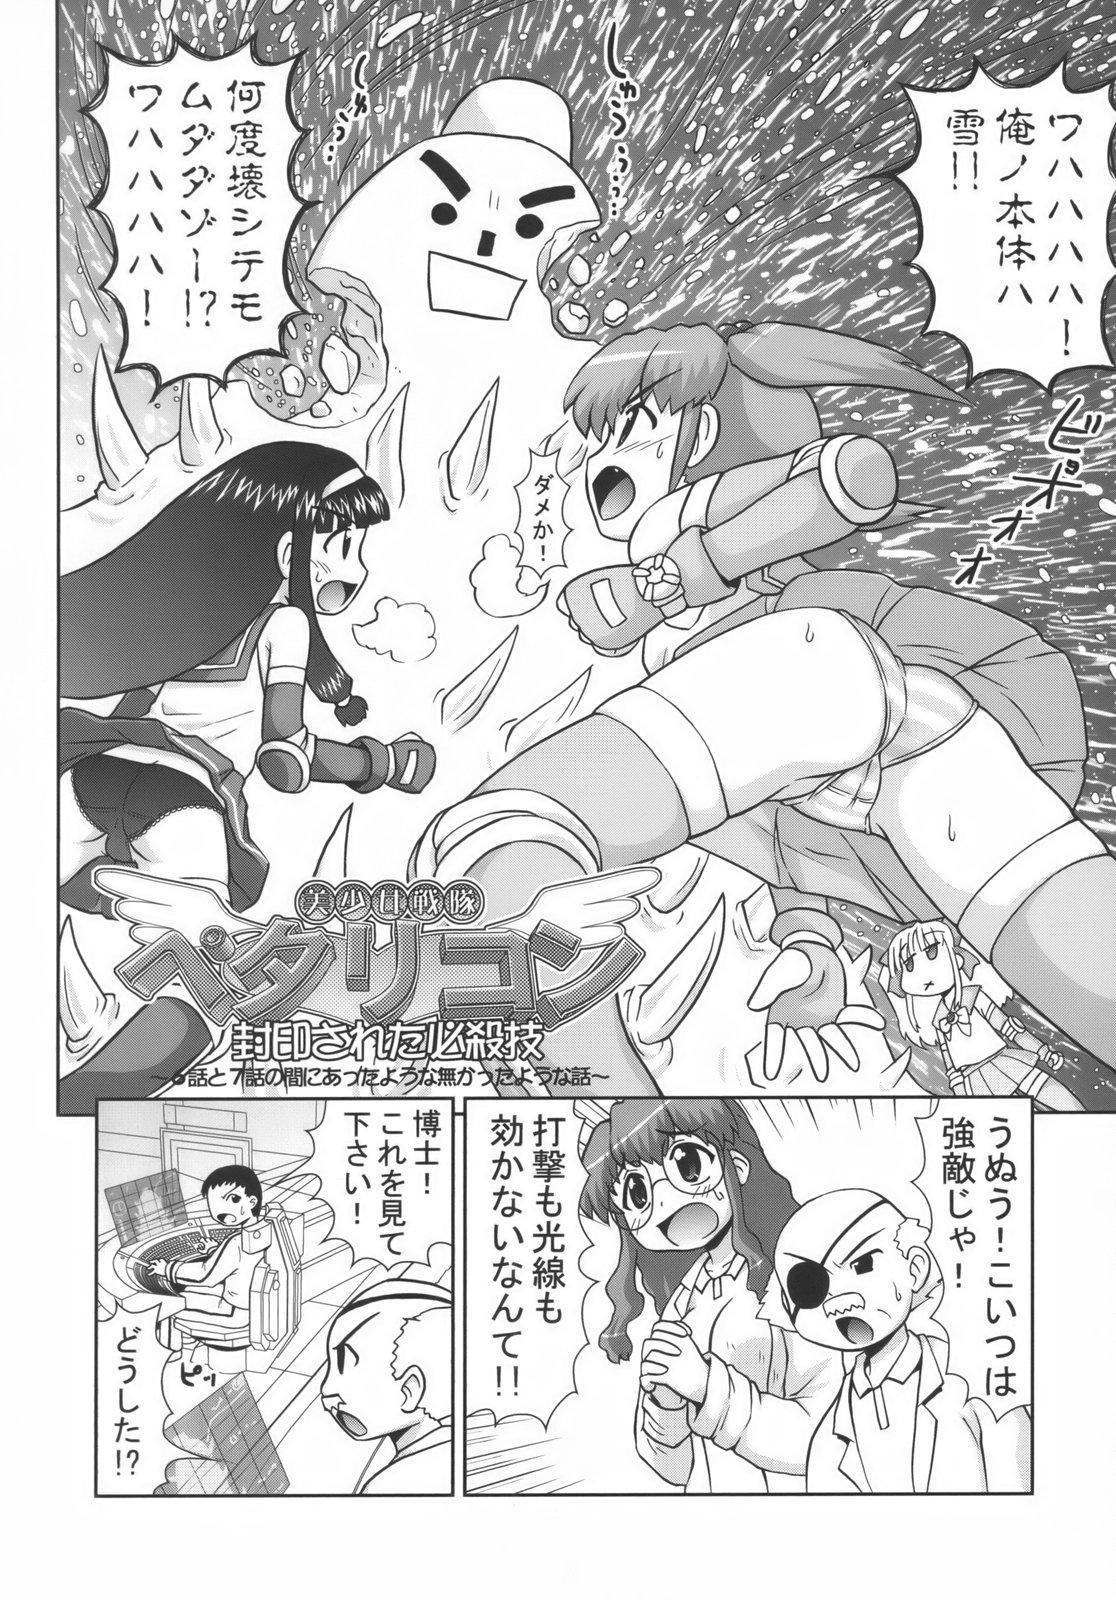 Bishoujo Sentai Petalicon gaiden 12